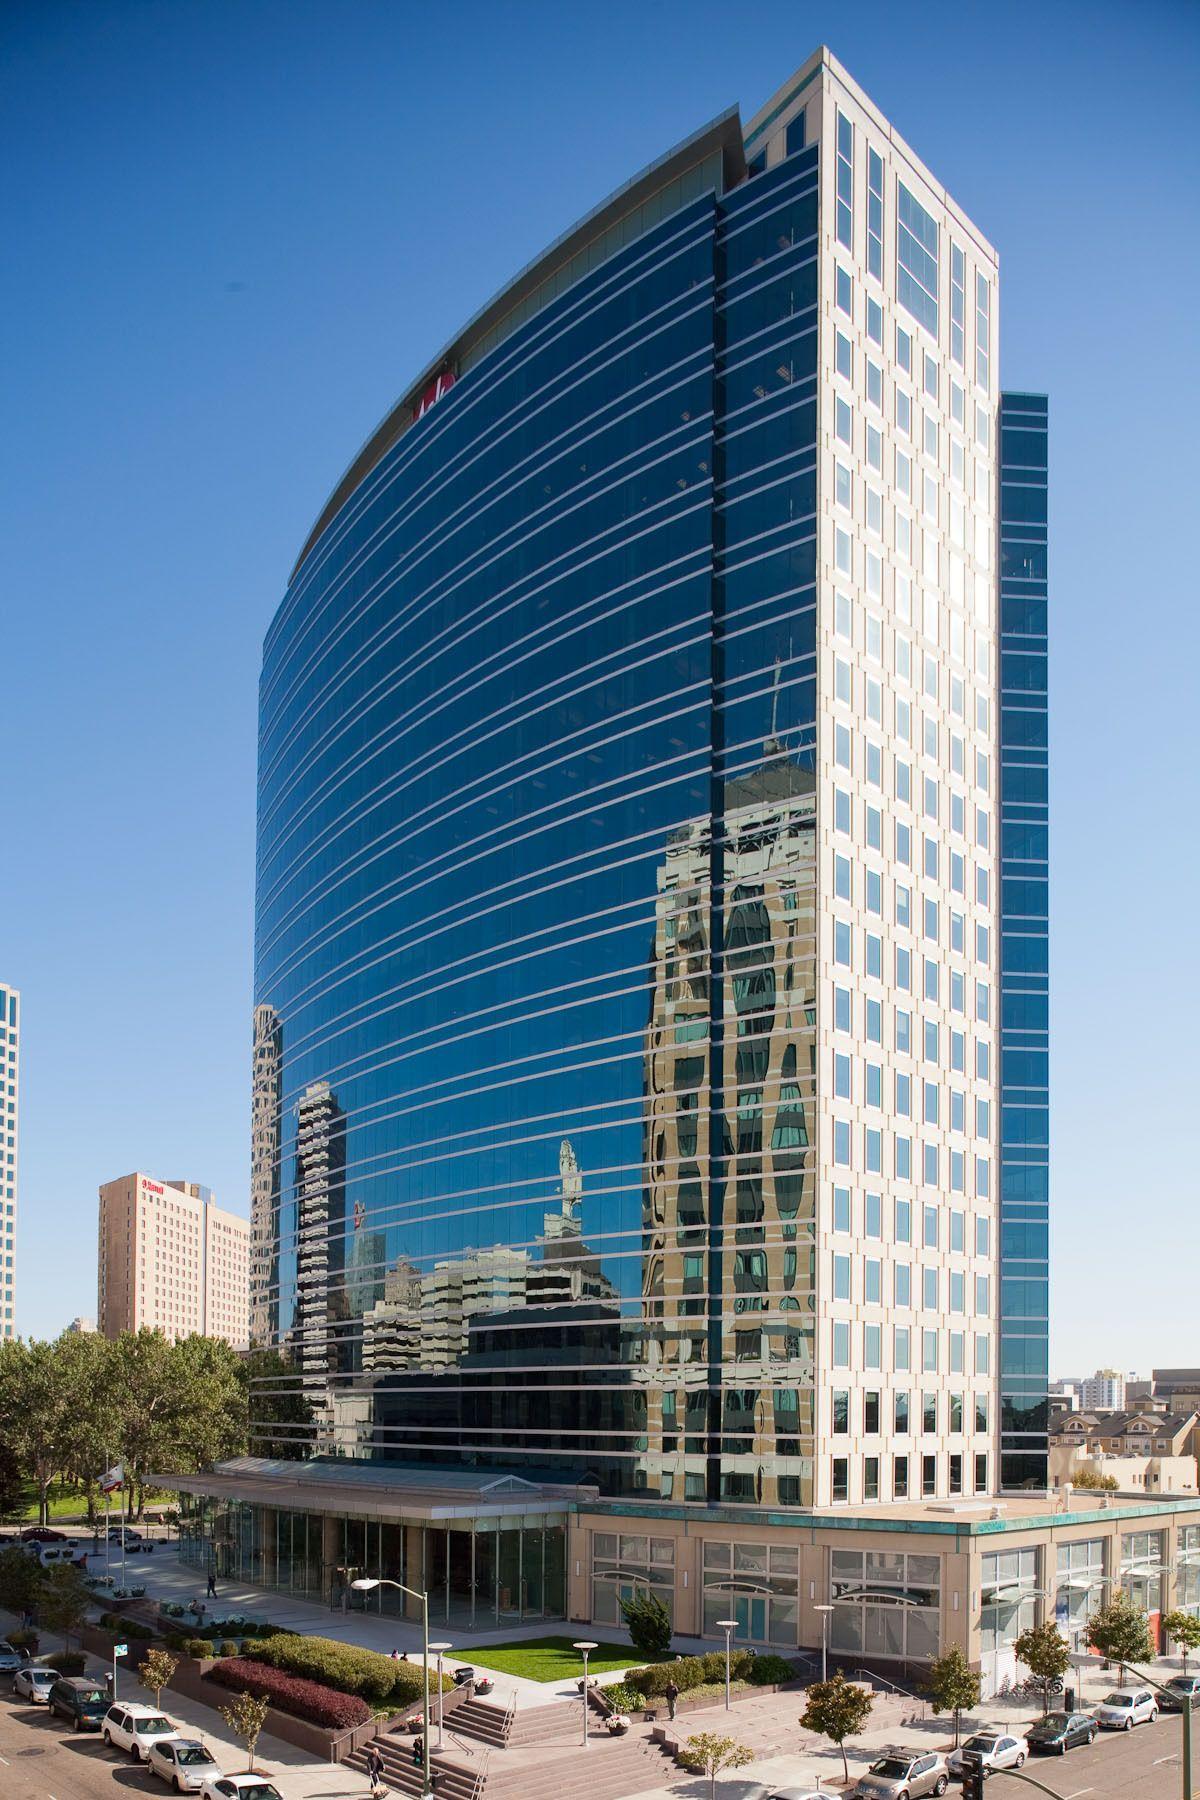 google office buildings. office building google search buildings n